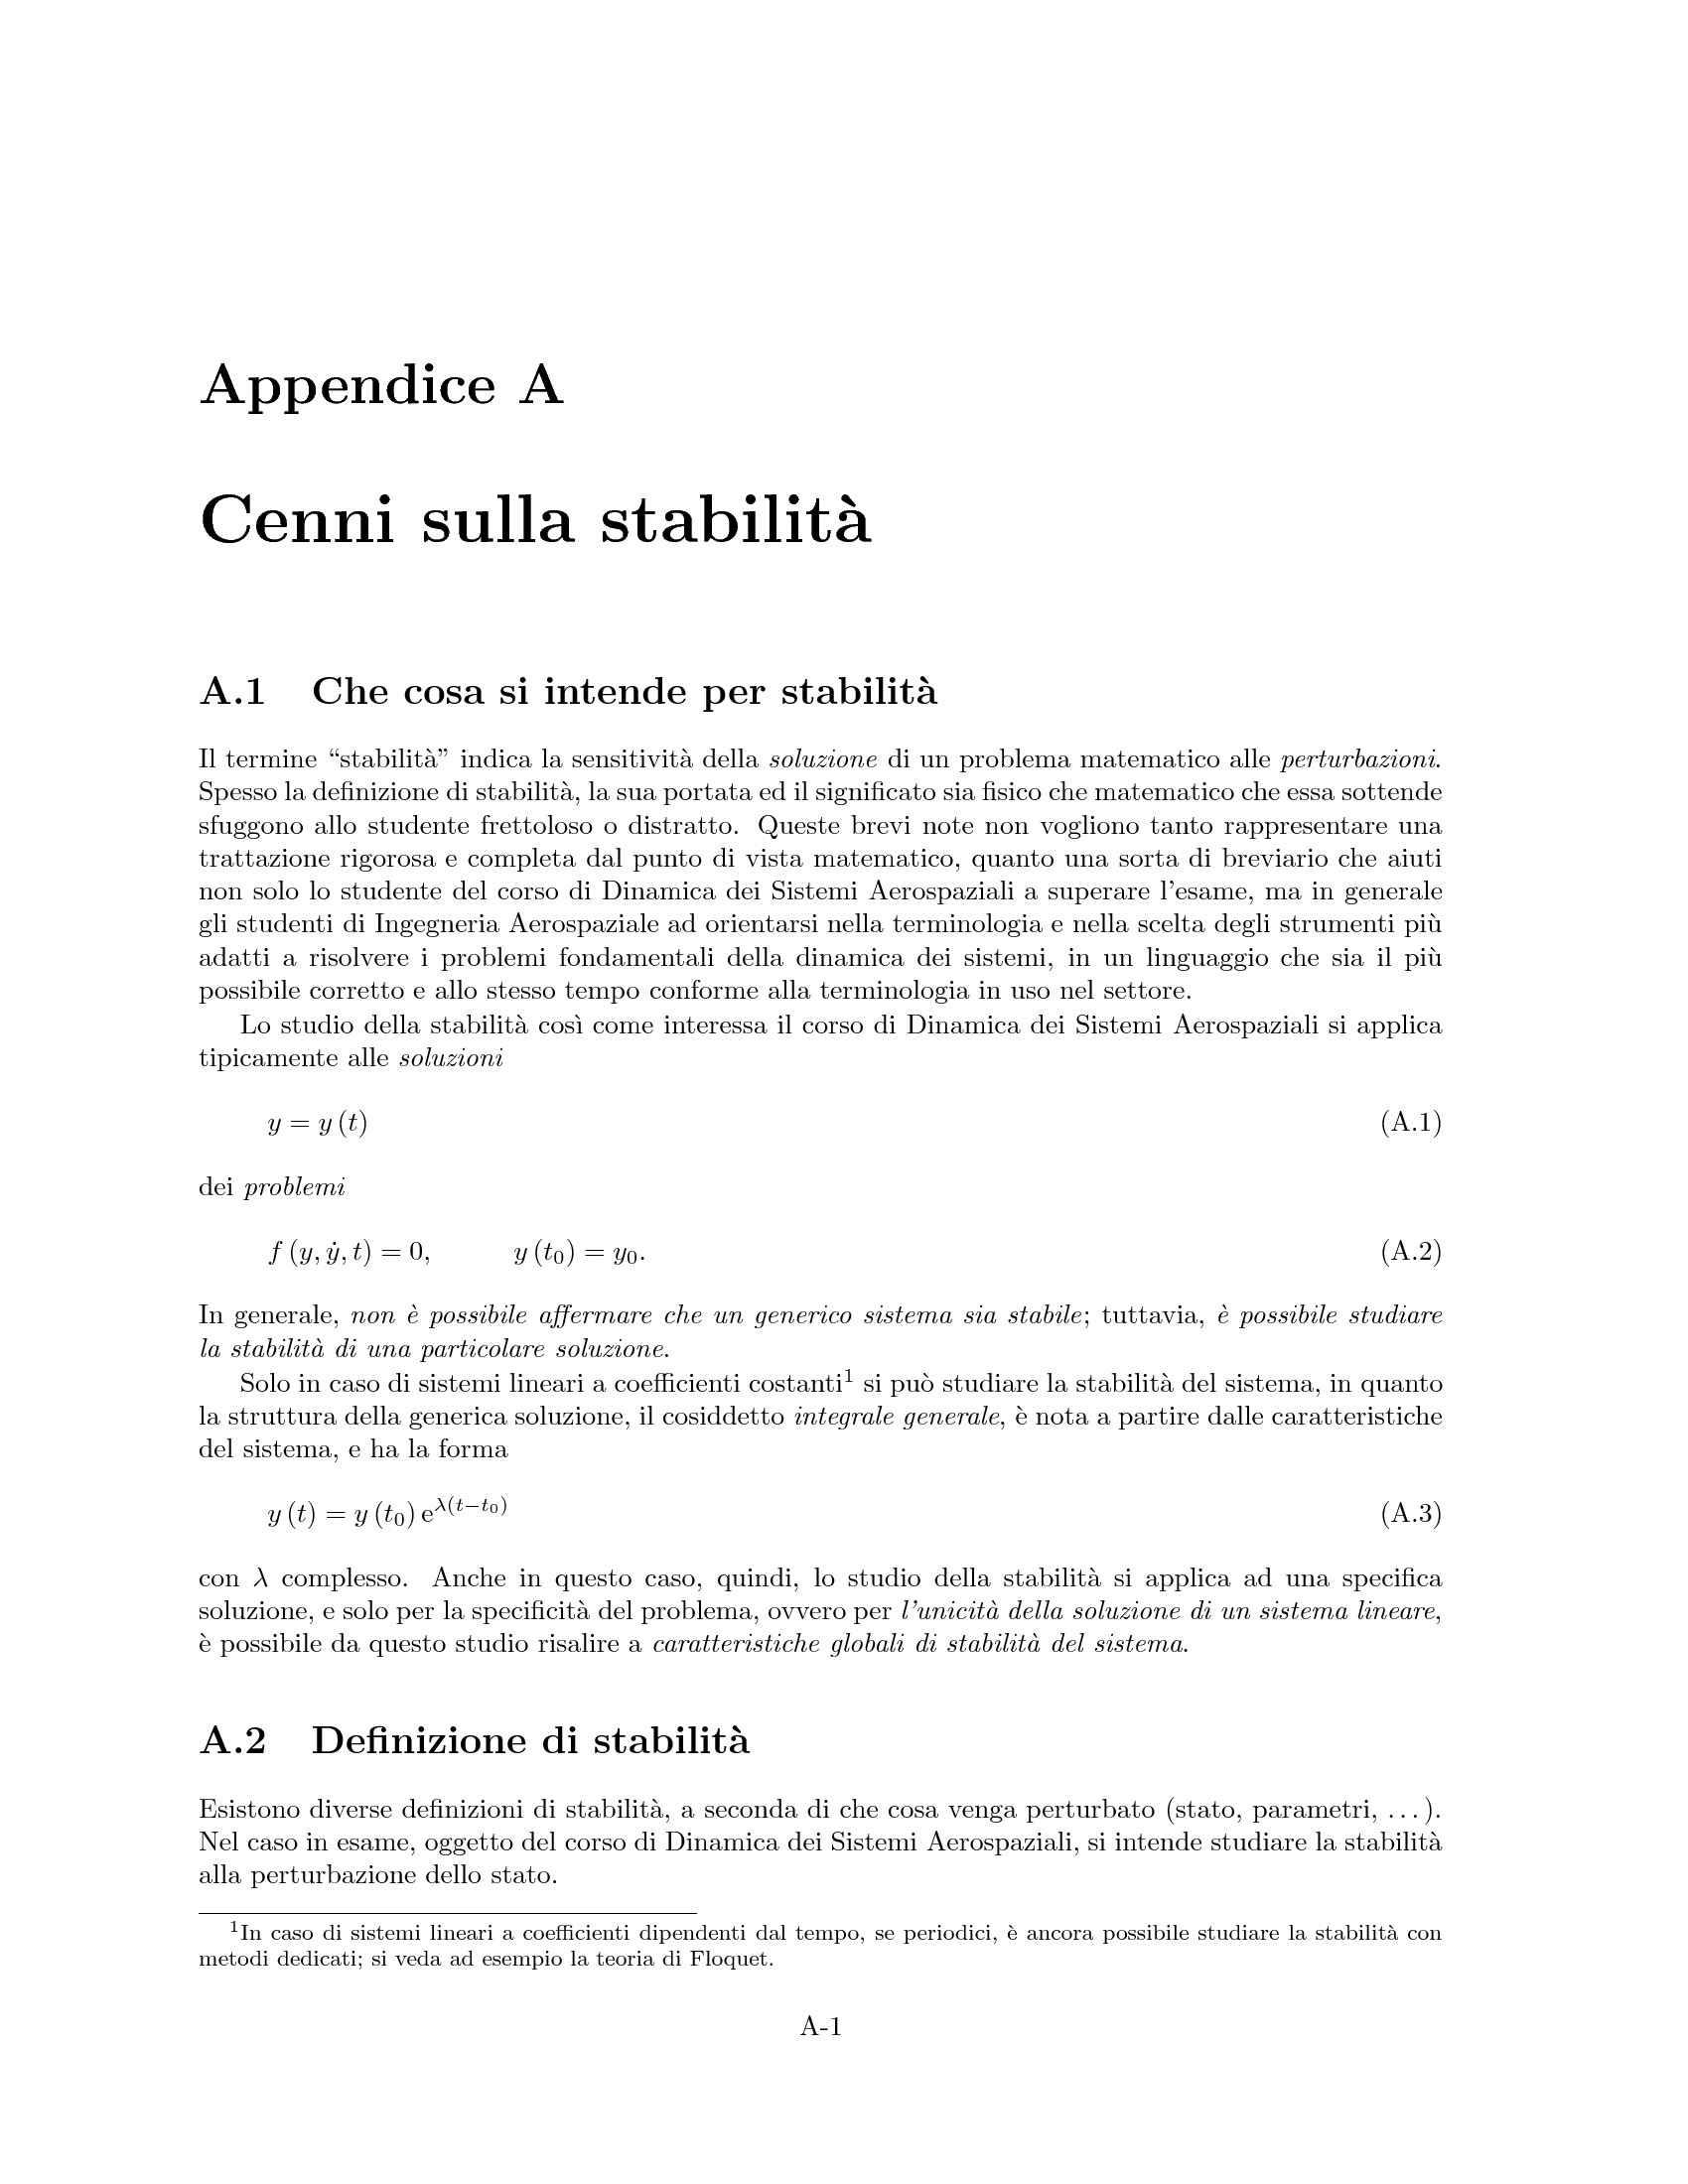 Stabilità - Equilibrio e linearizzazione